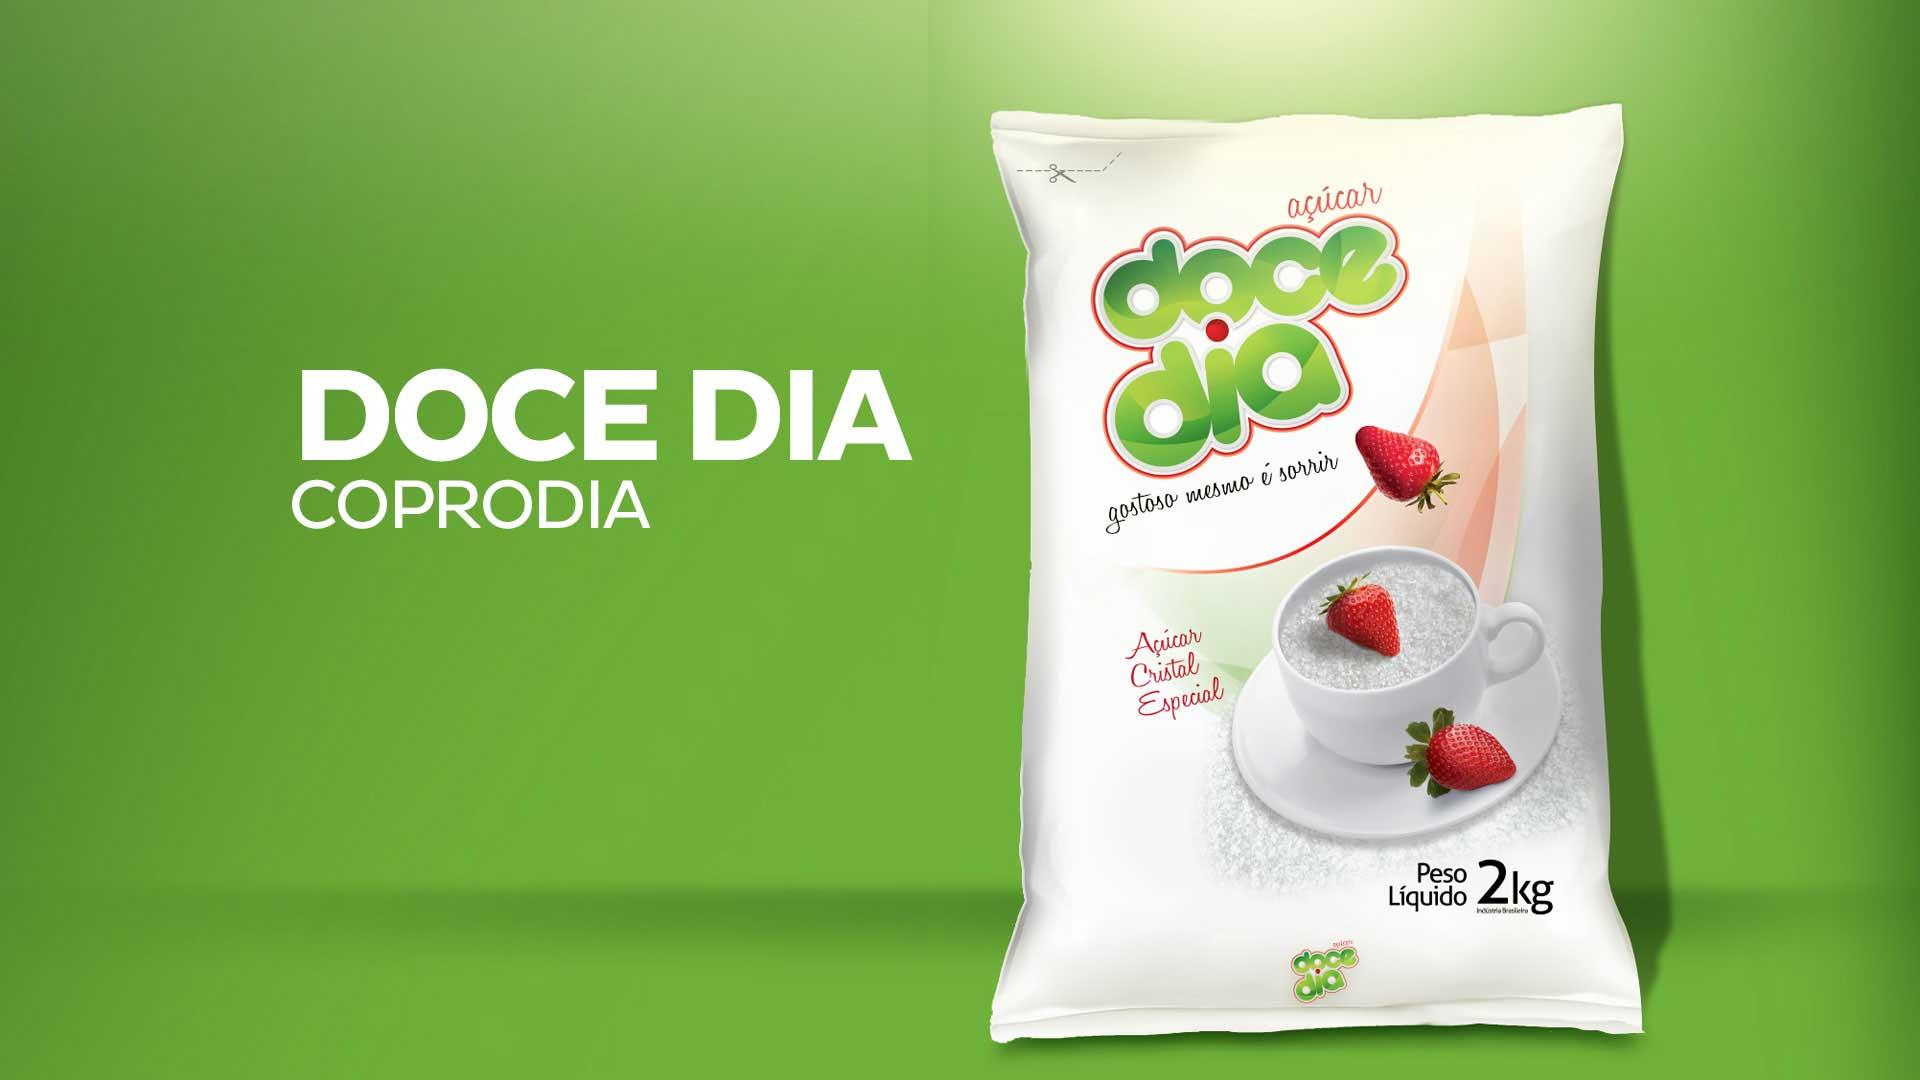 Case Coprodia: Açúcar Doce Dia